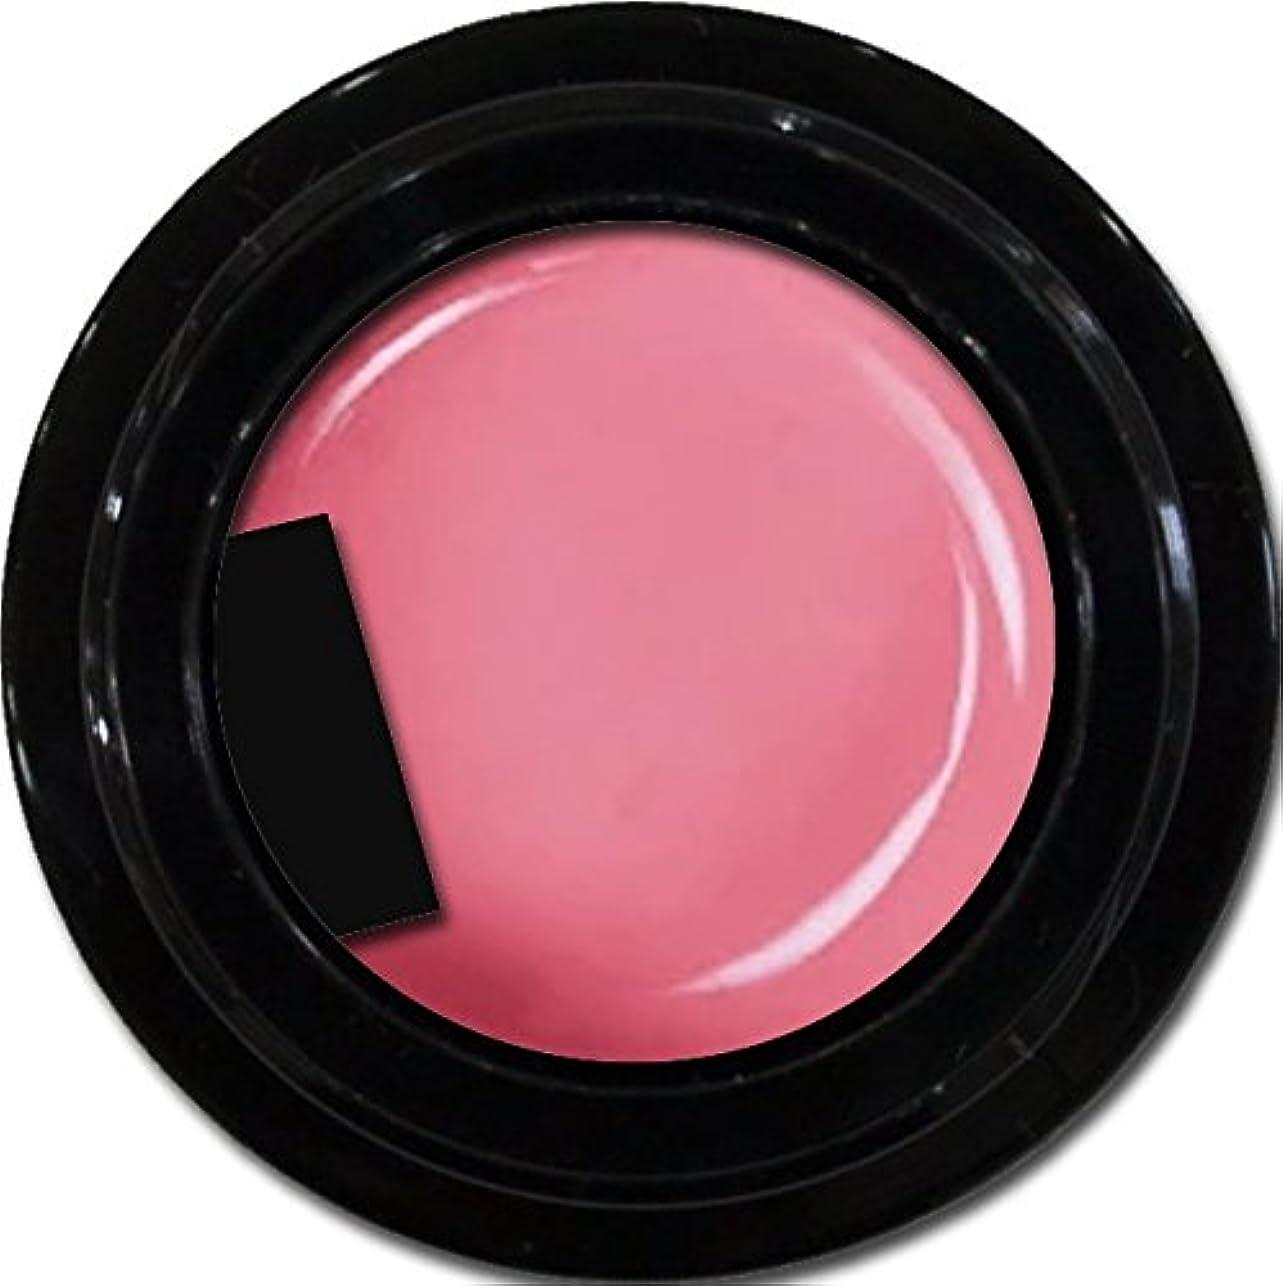 契約小屋一般的に言えばカラージェル enchant color gel M212 CoralPink 3g/ マットカラージェル M212コーラルピンク 3グラム